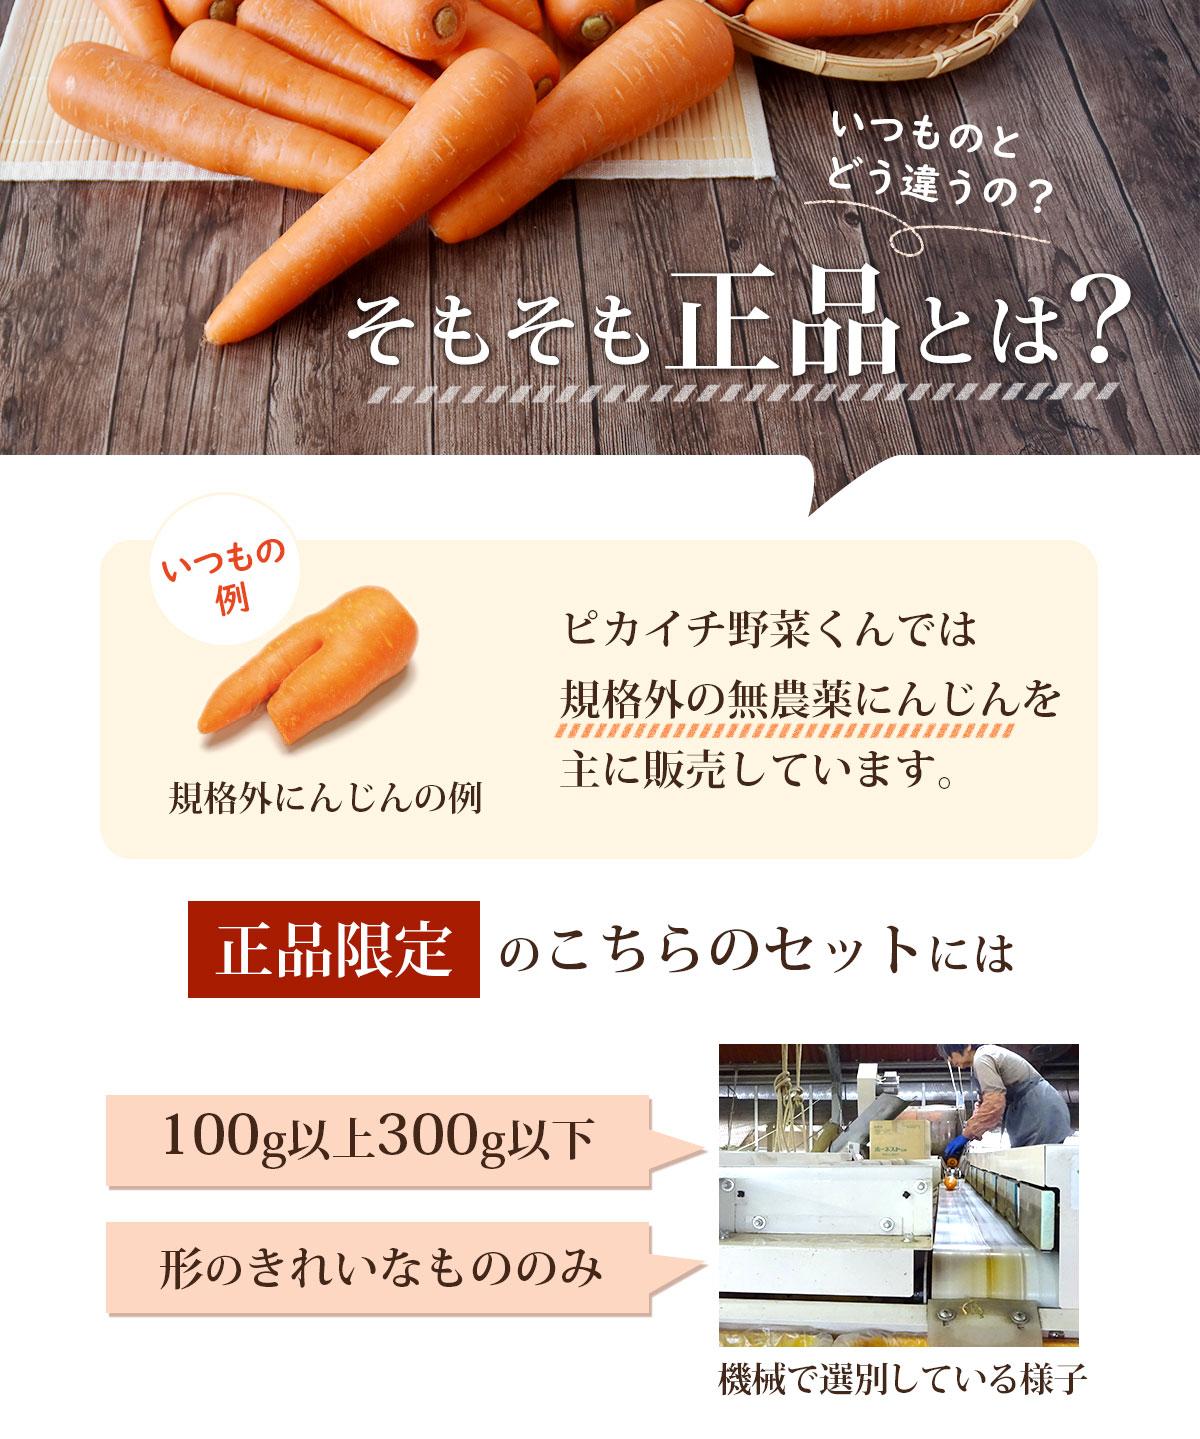 そもそもA品とは…ピカイチ野菜くんでは規格外の無農薬人参を主に販売しています。